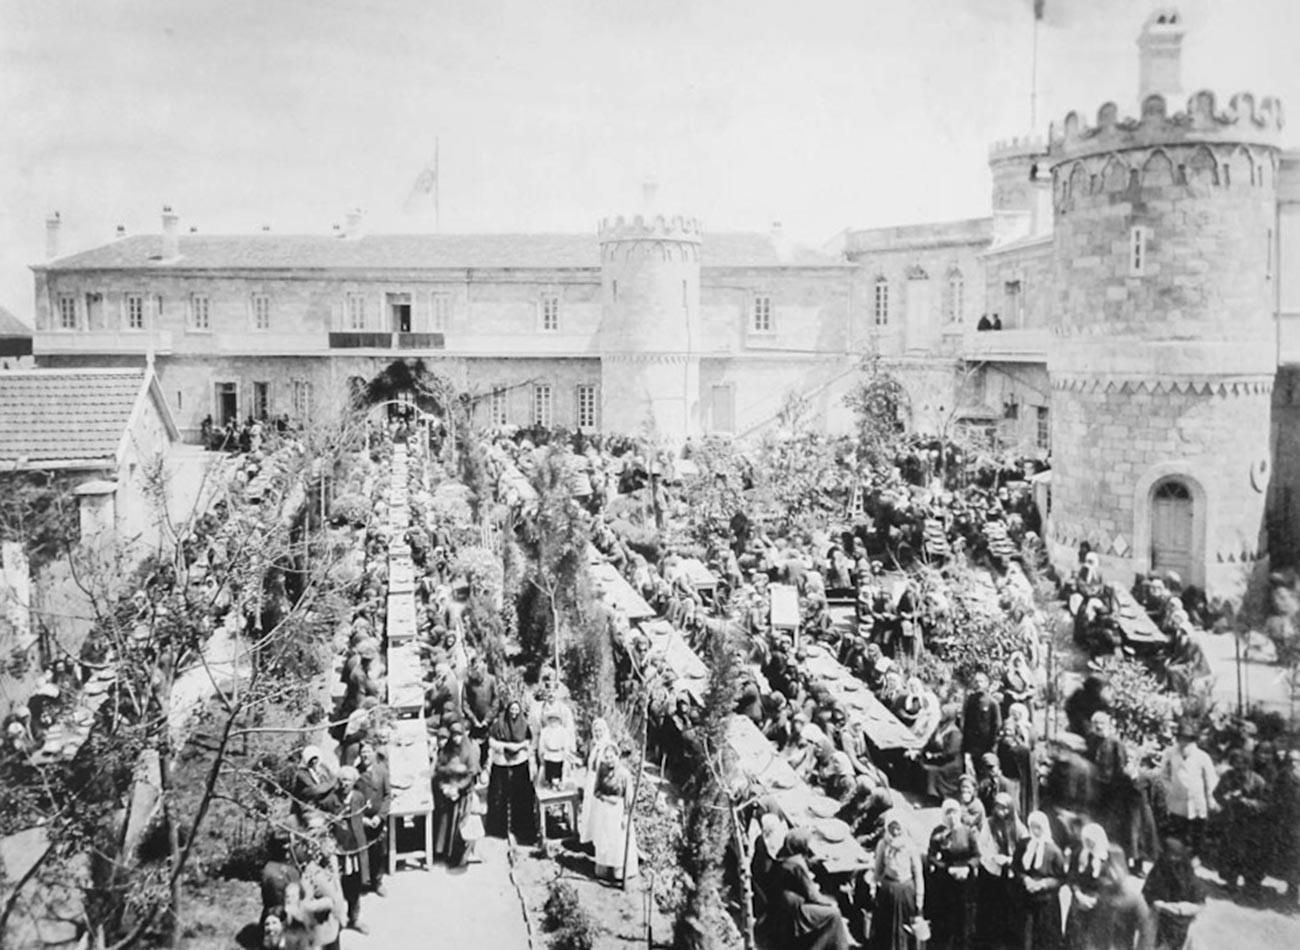 Celebrações de Páscoa no Complexo Russo, final do século 19